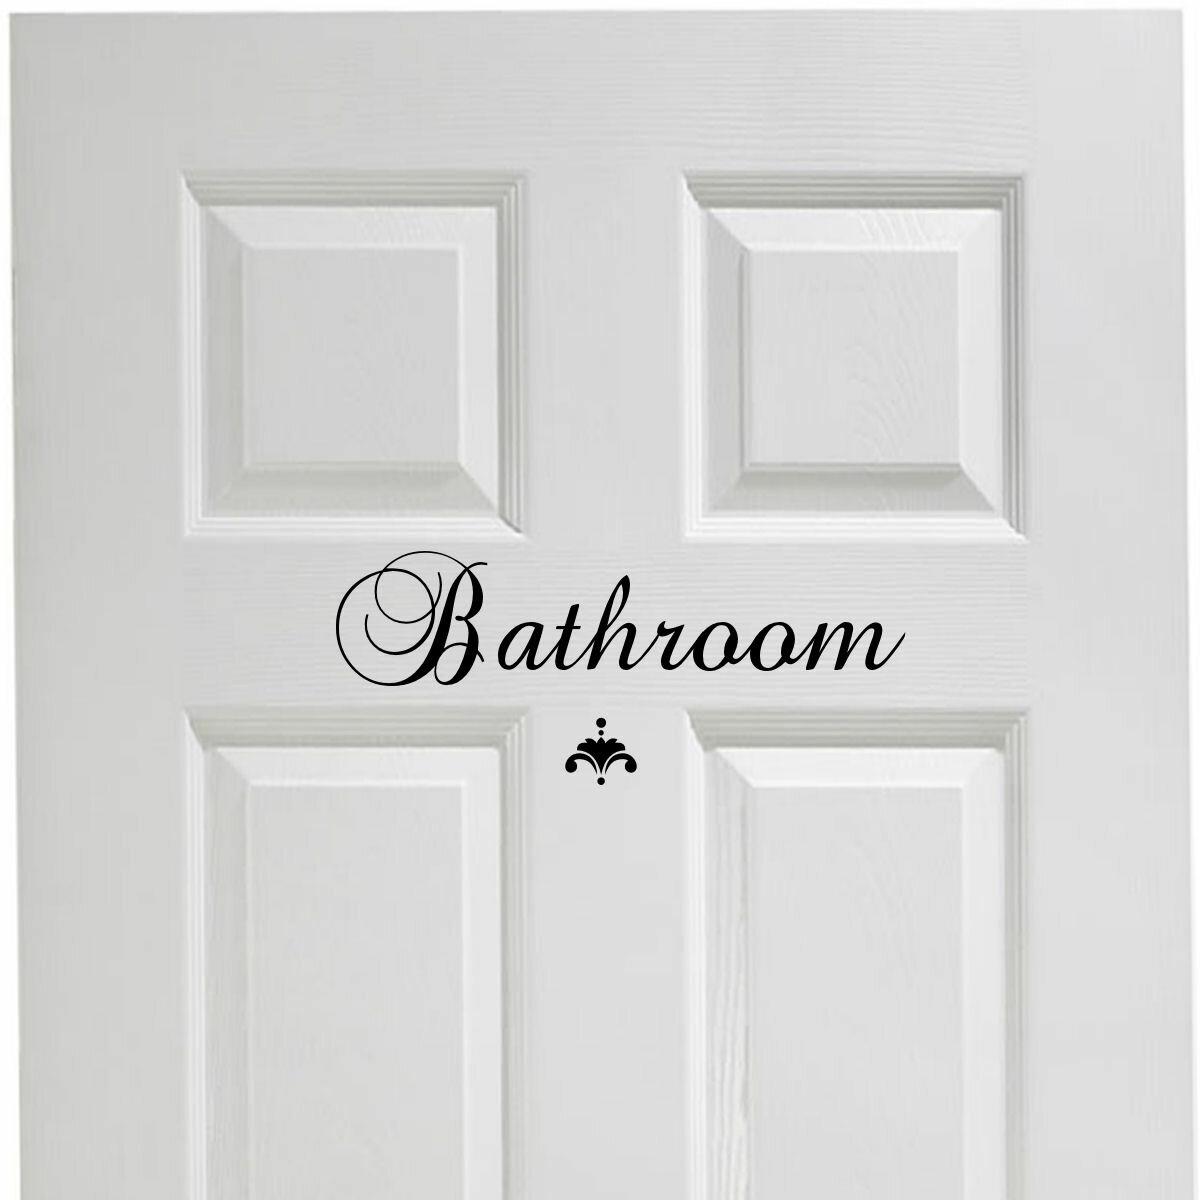 Bathroom Door Decal